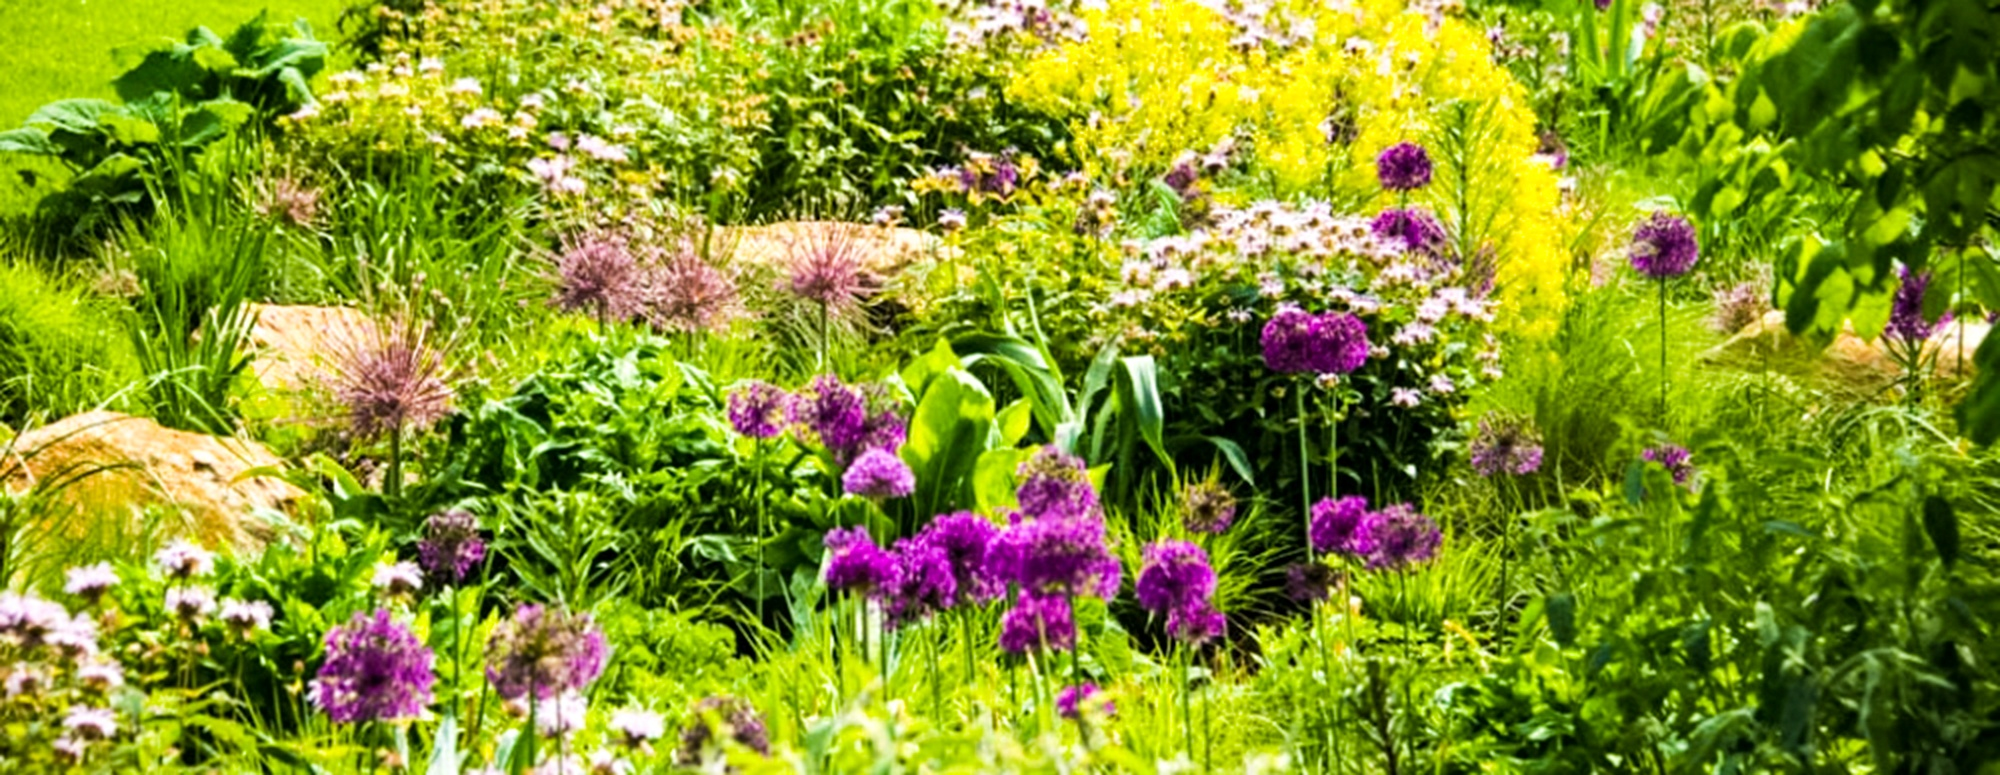 GardensAlive-QuoteBackground.jpg